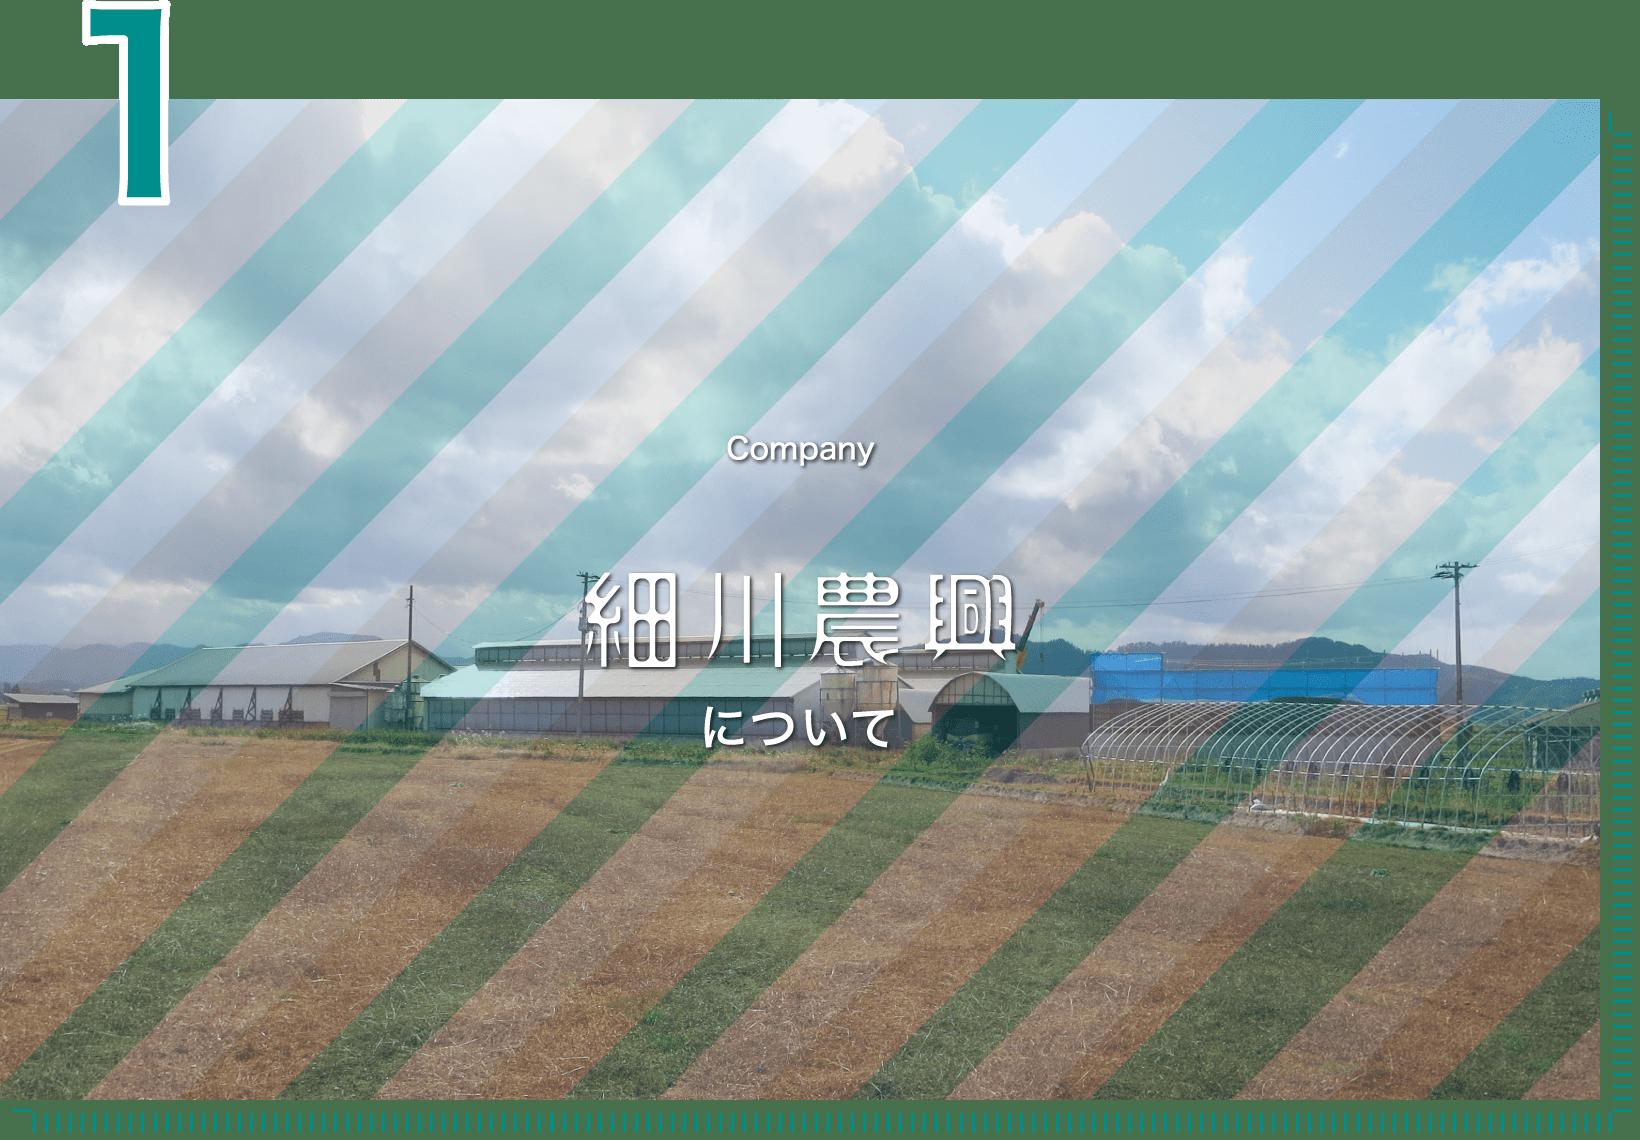 1 Company 細川農興について